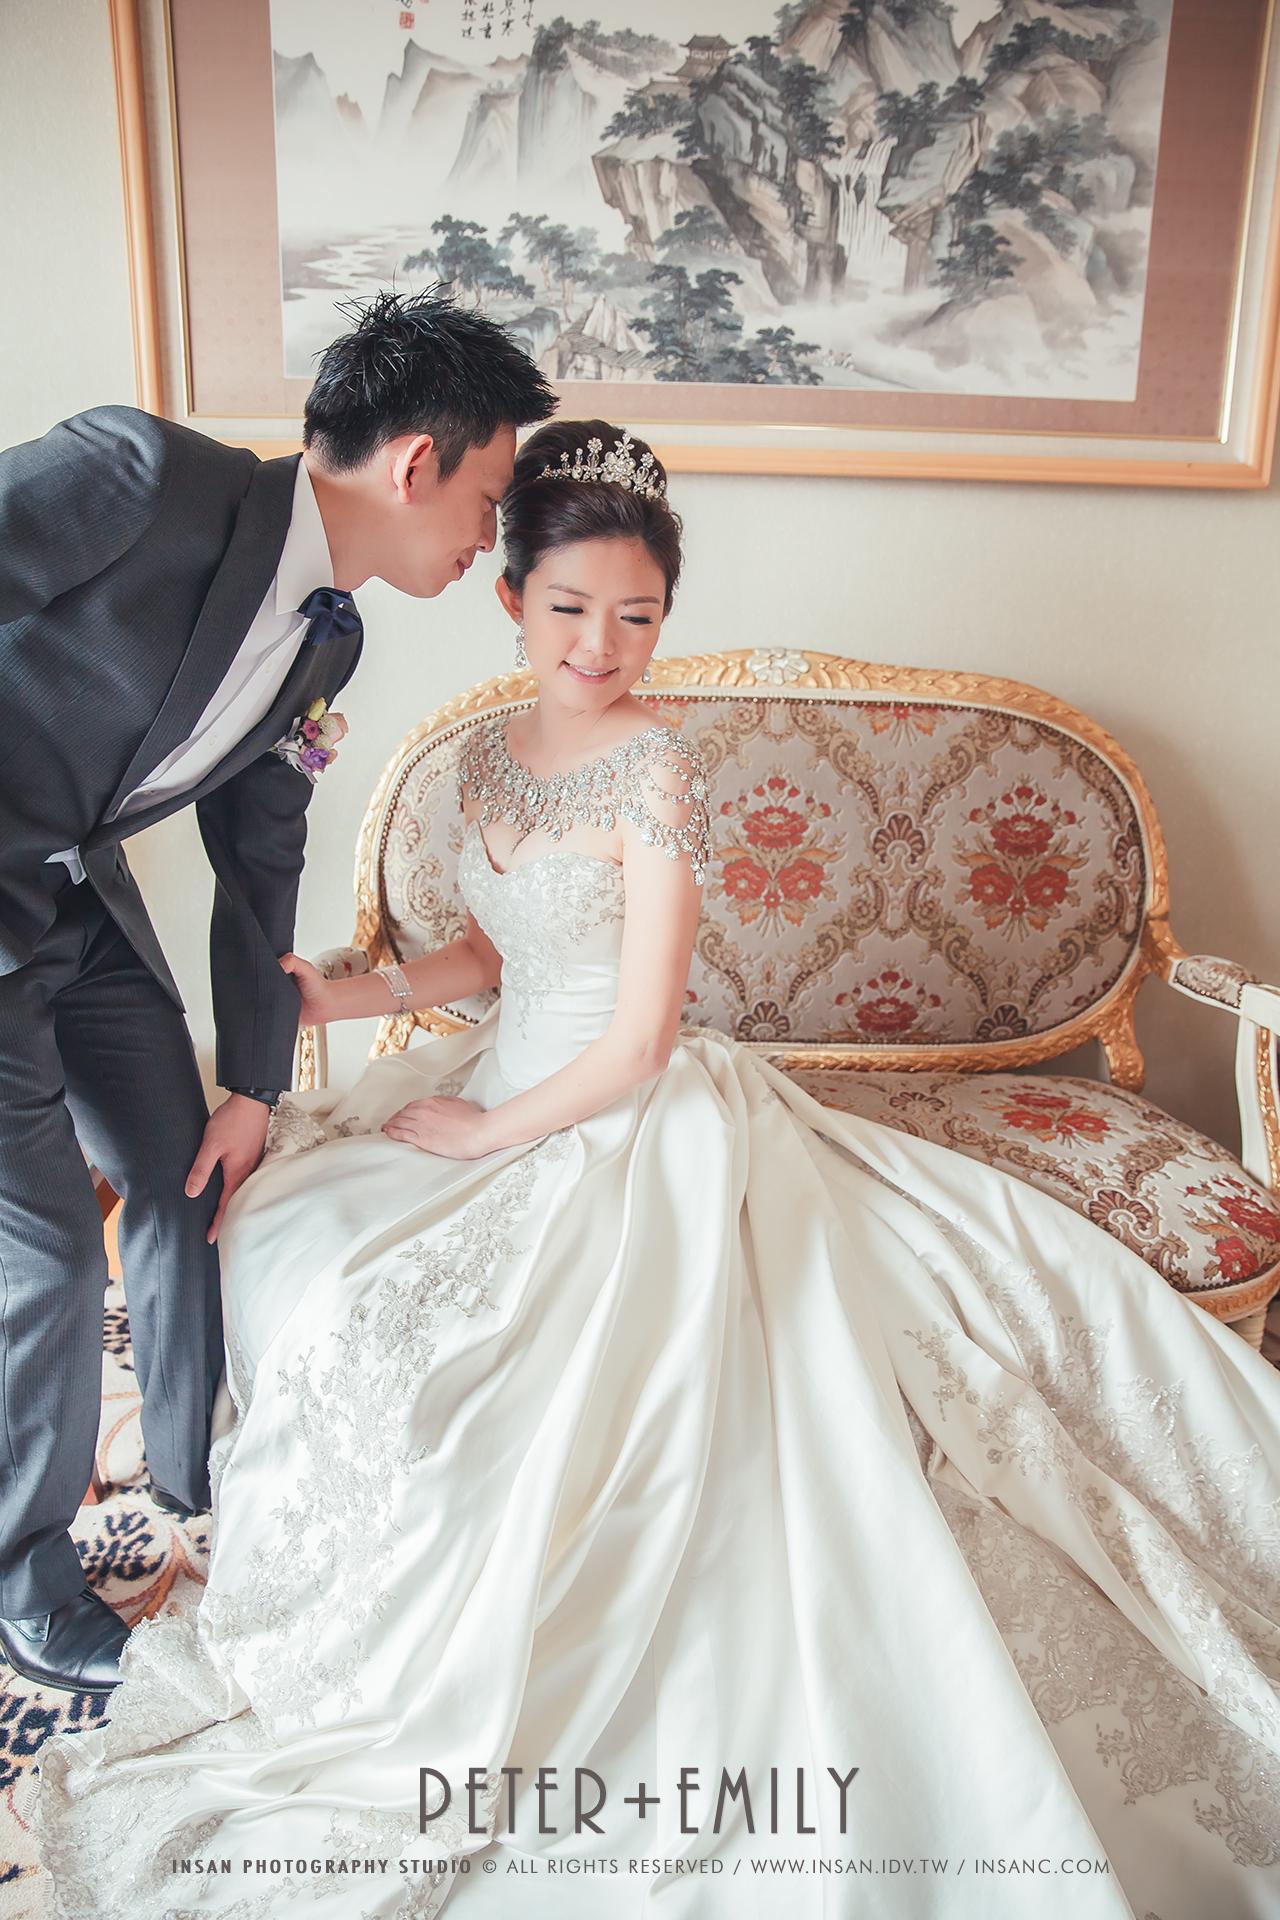 麗景飯店婚攝照片wed131208_0616拷貝